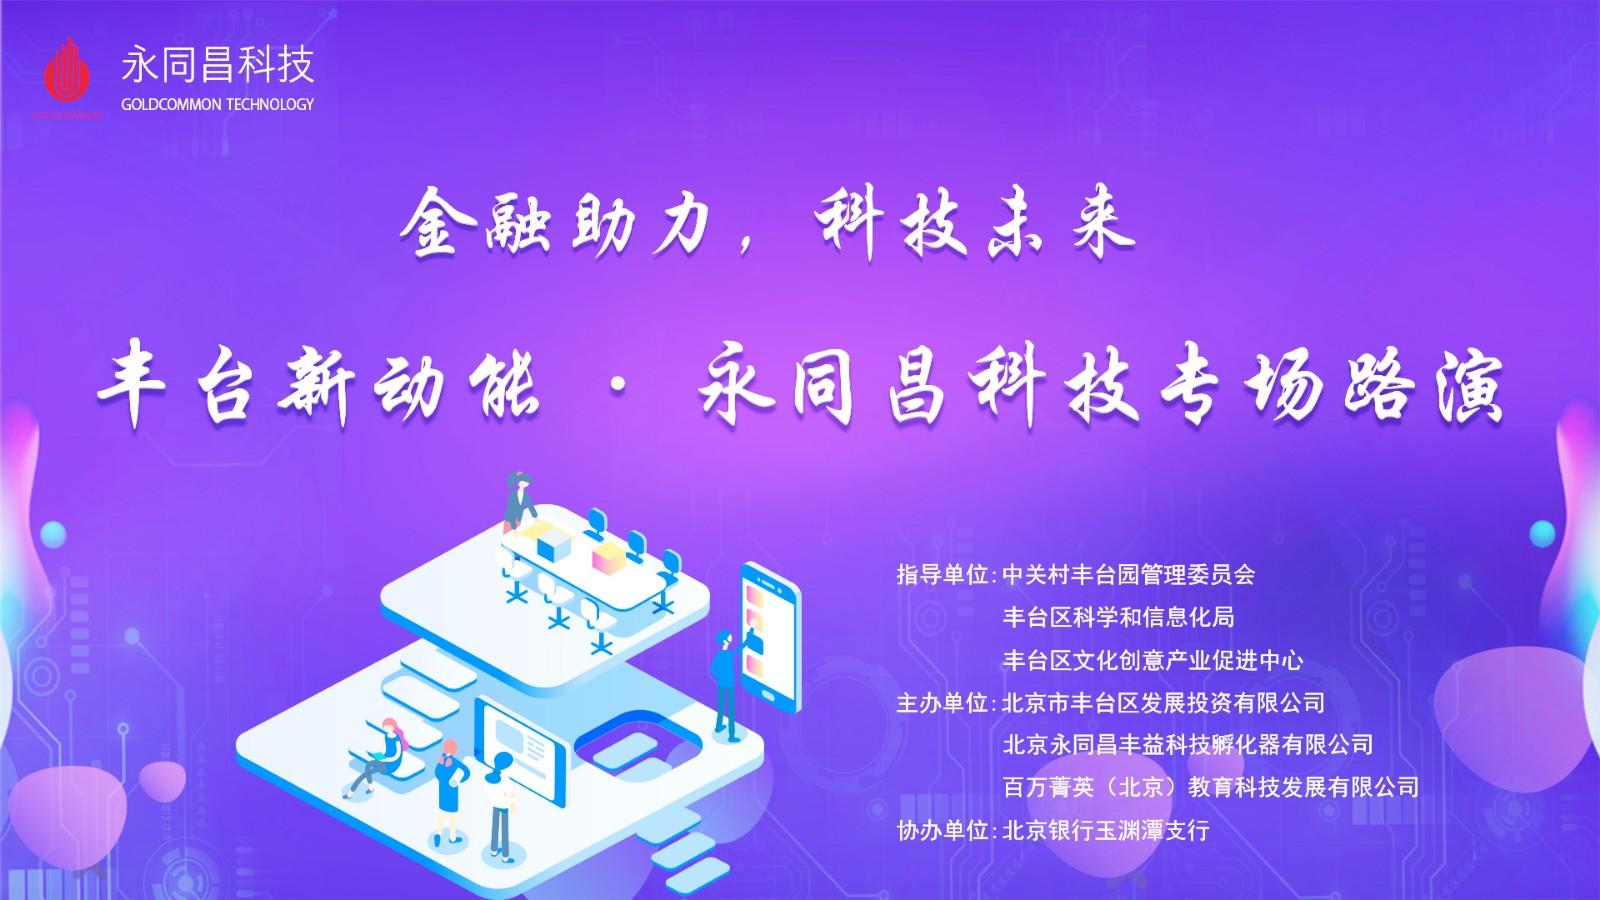 金融助力,科技未来——丰台新动能 · 永同昌科技专场路演完美收官